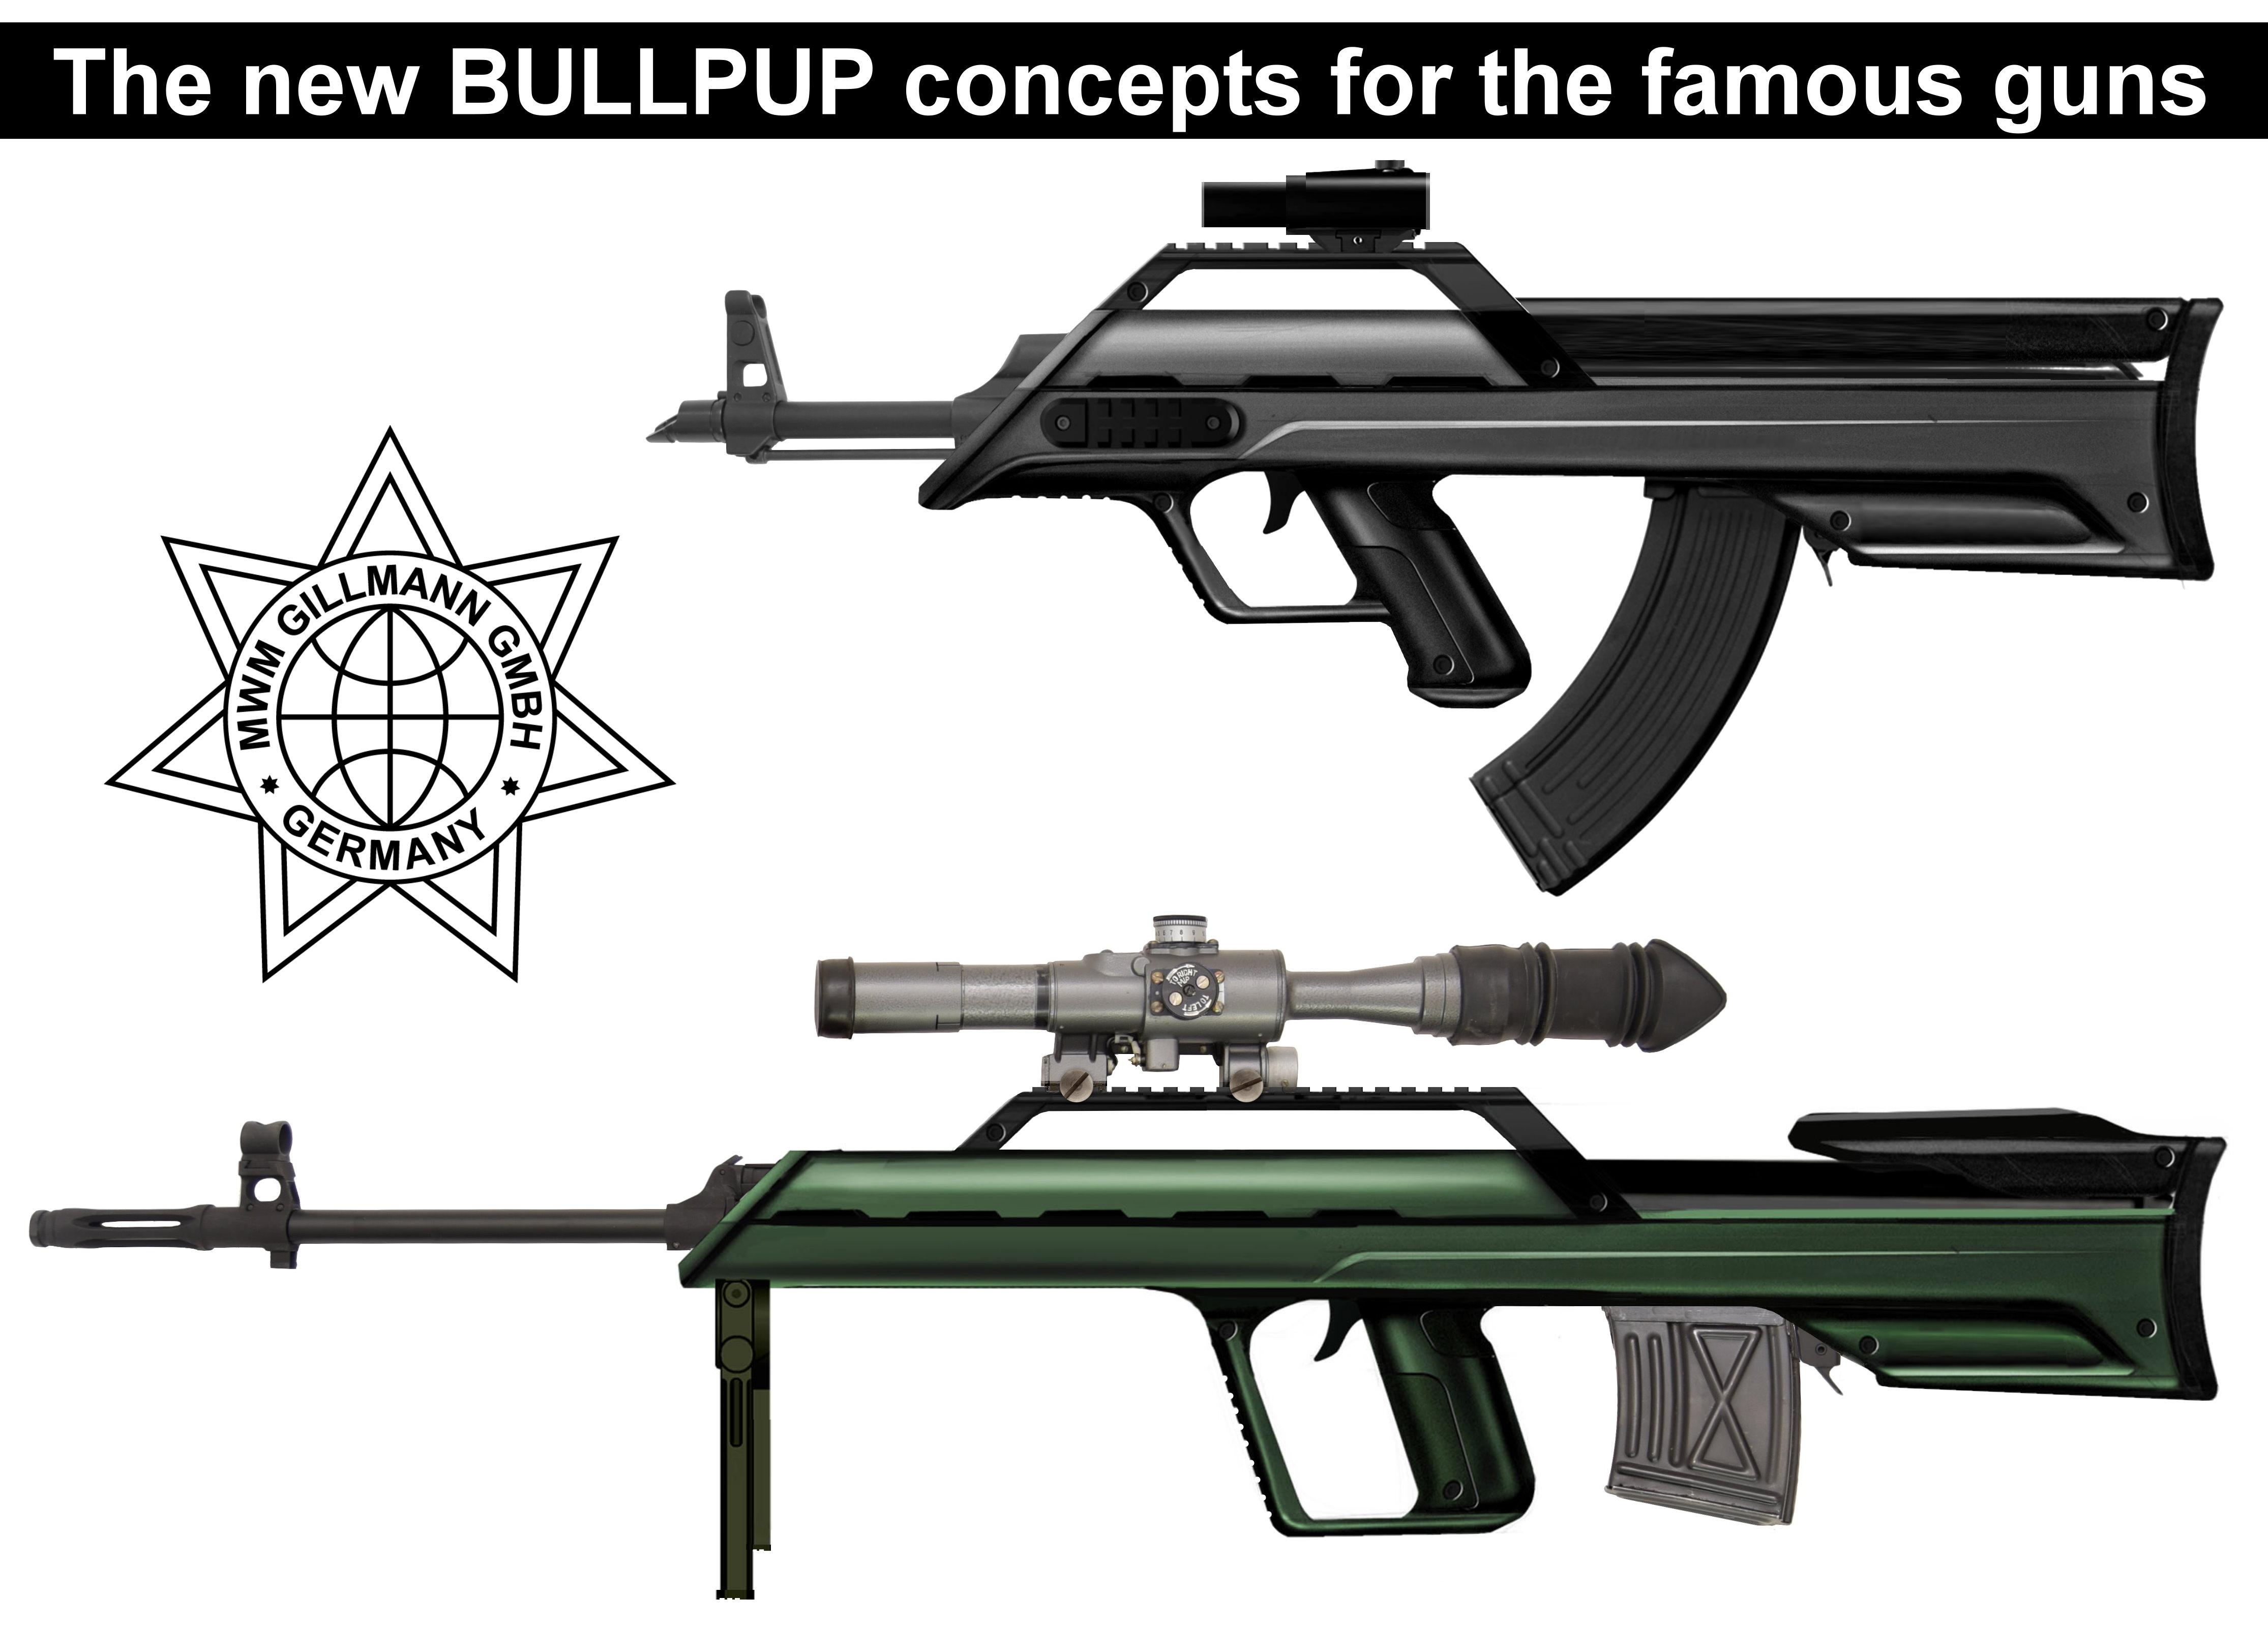 http://www.russ-guns-de.net/media/image/21/0b/71/POSTER_SVD_AK47_BULLPUP_0001.jpg